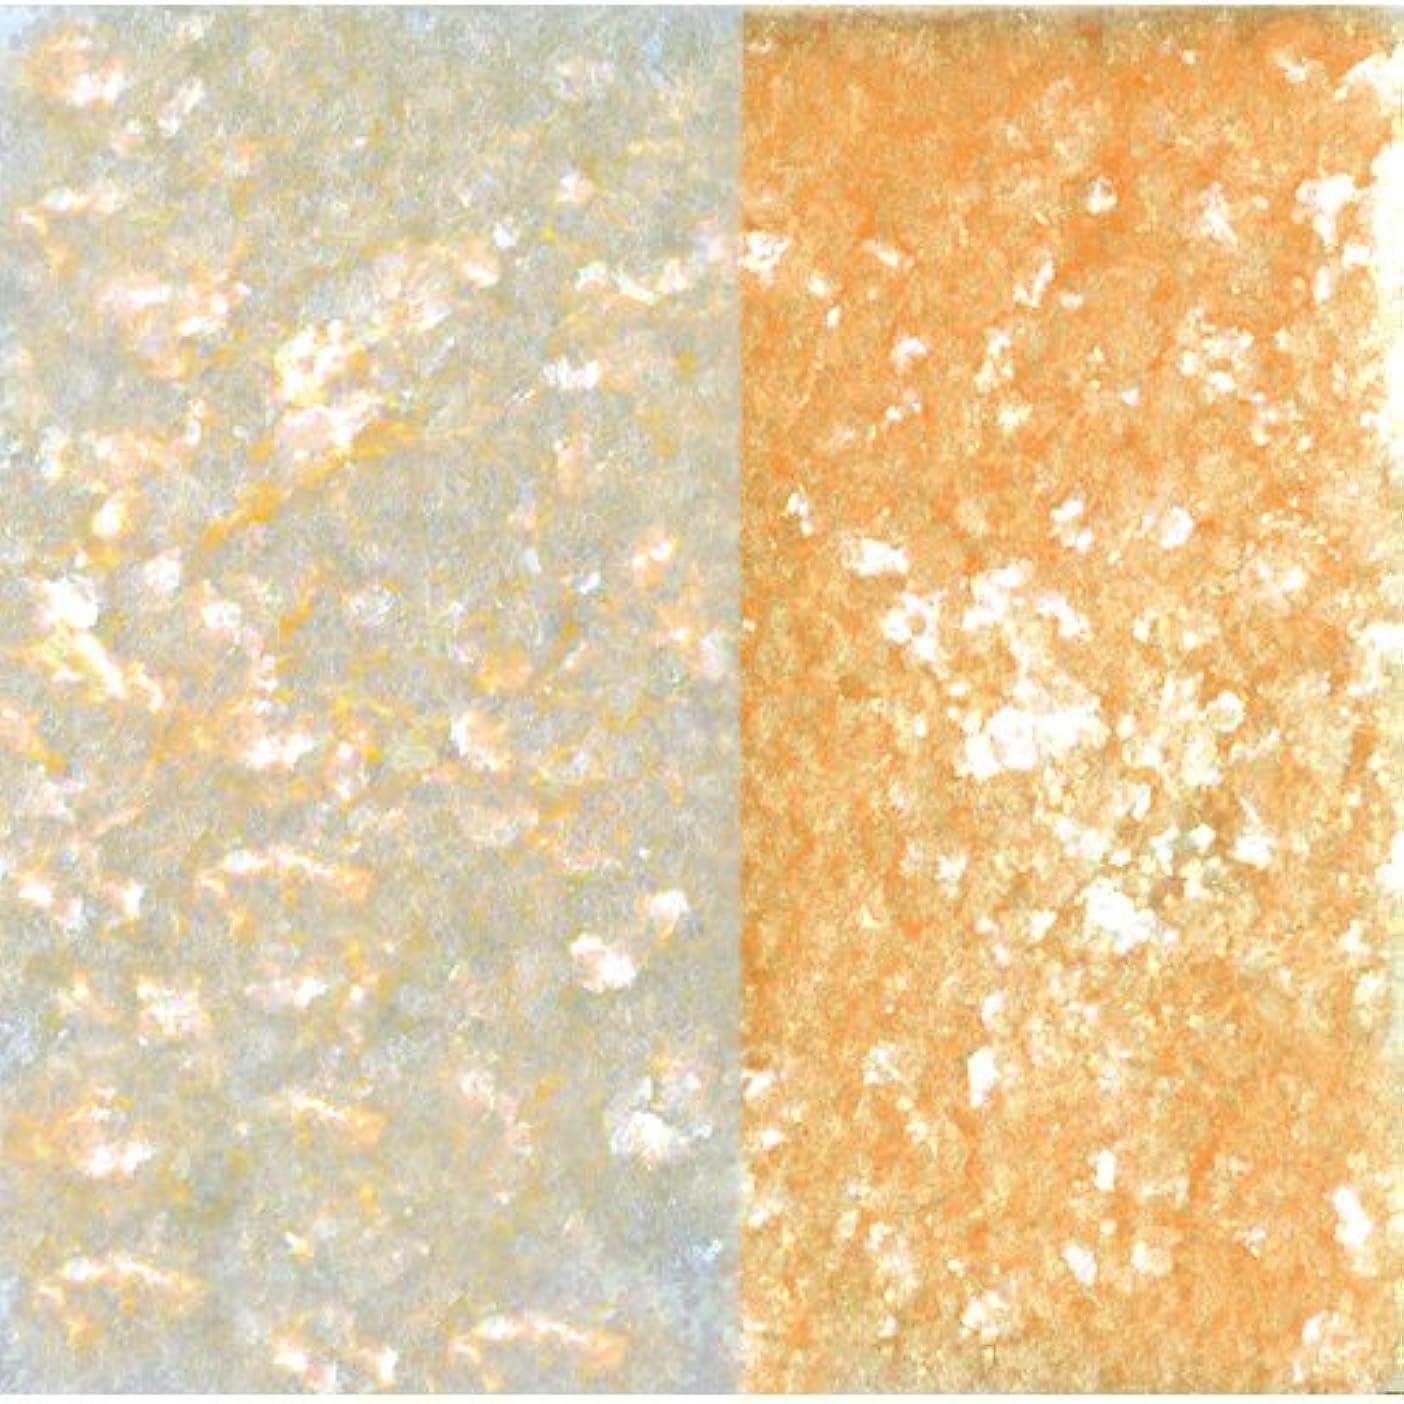 特徴づける接辞スチールピカエース ネイル用パウダー ピカエース エフェクトフレークH L #417 オレンジ 0.2g アート材